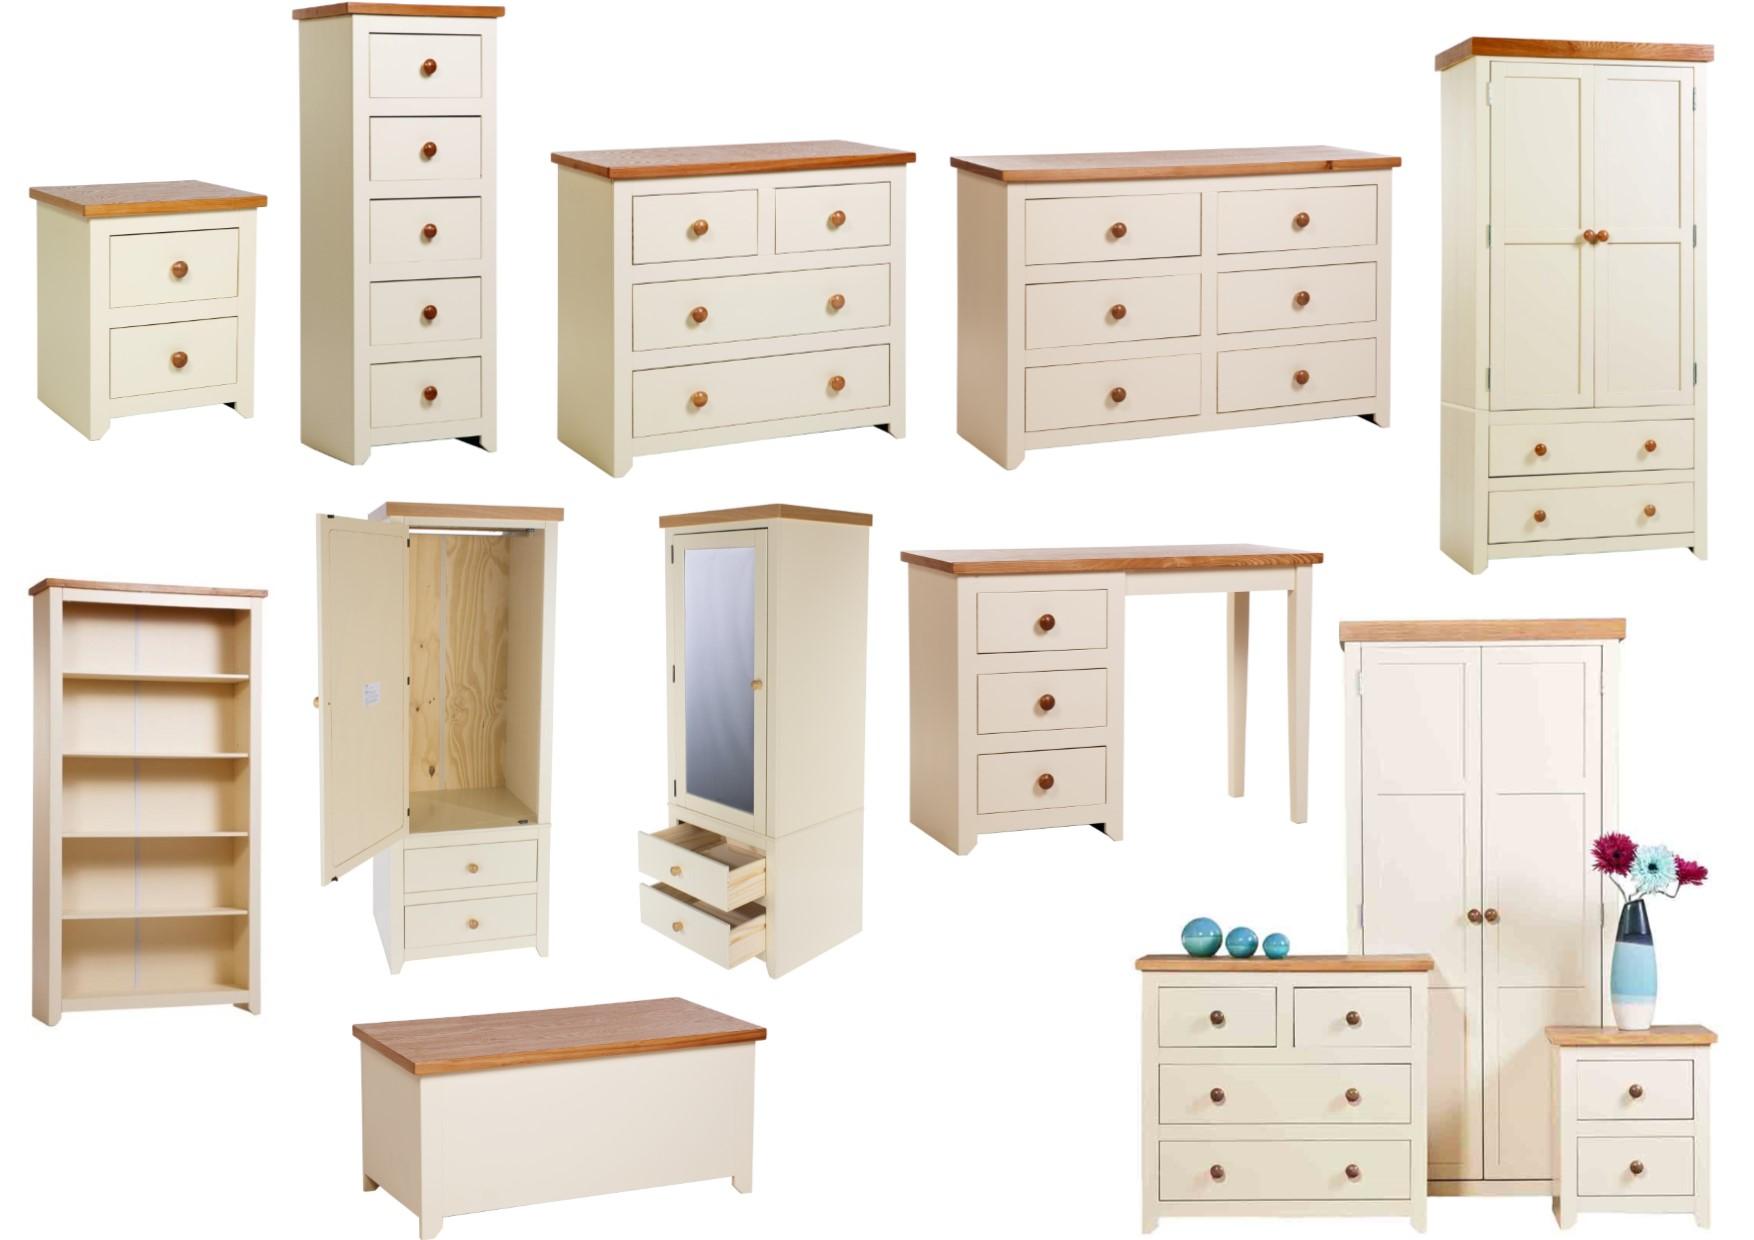 Jamestown bedroom furniture